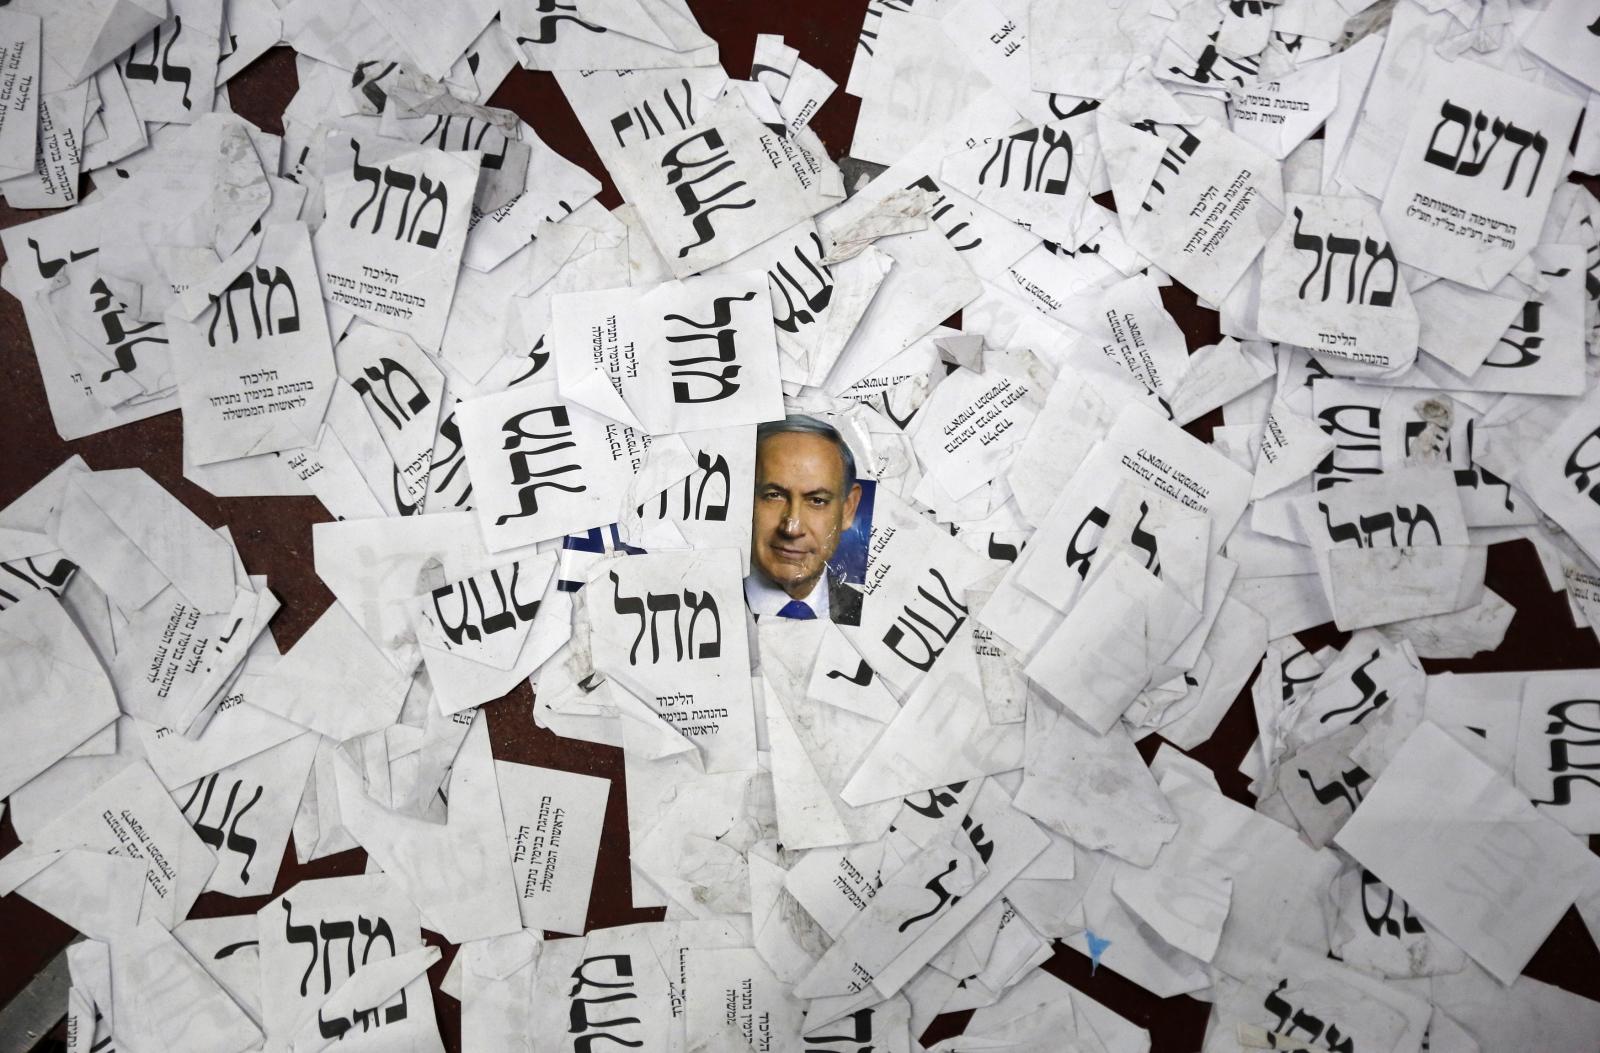 Anti Arab Israeli Israel Anti-arab Slurs And